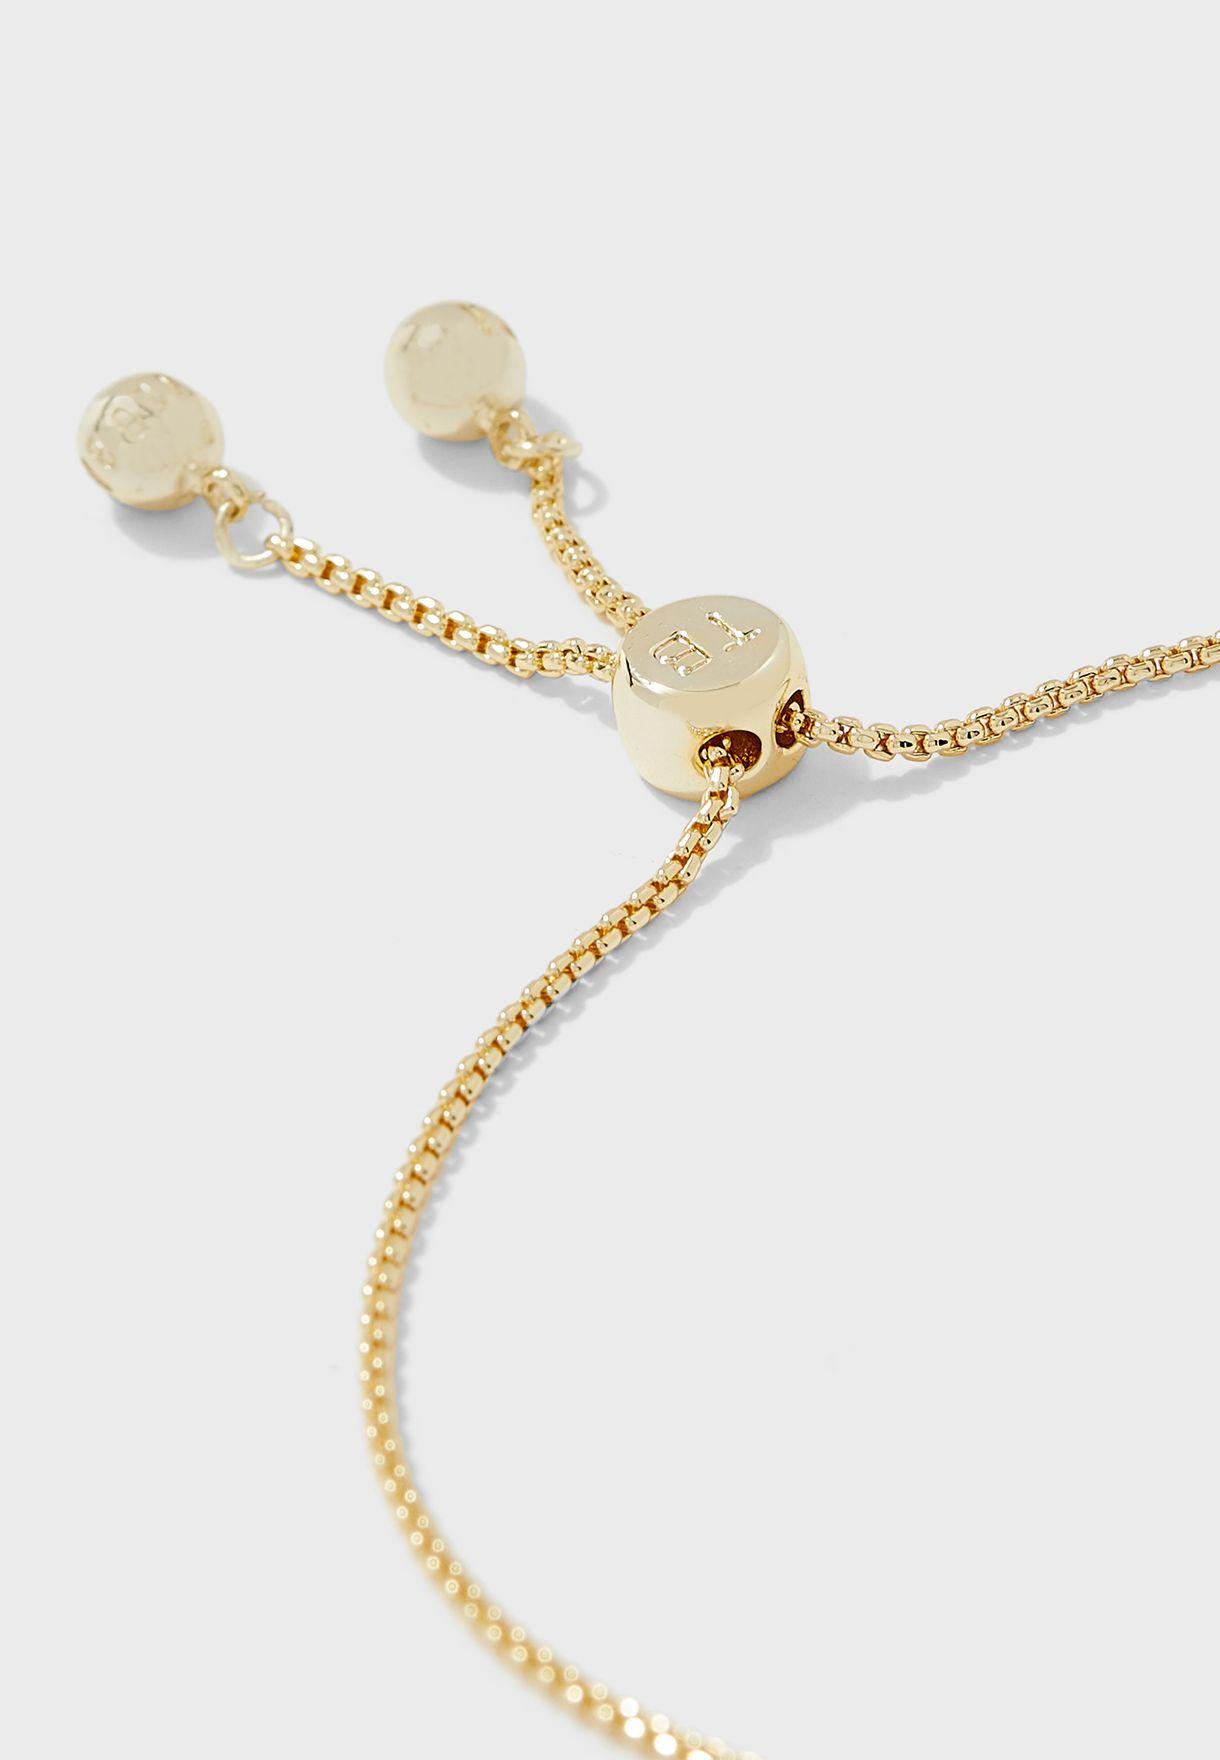 Sabsal Crystal Sparkle Bow Drawstring Bracelet